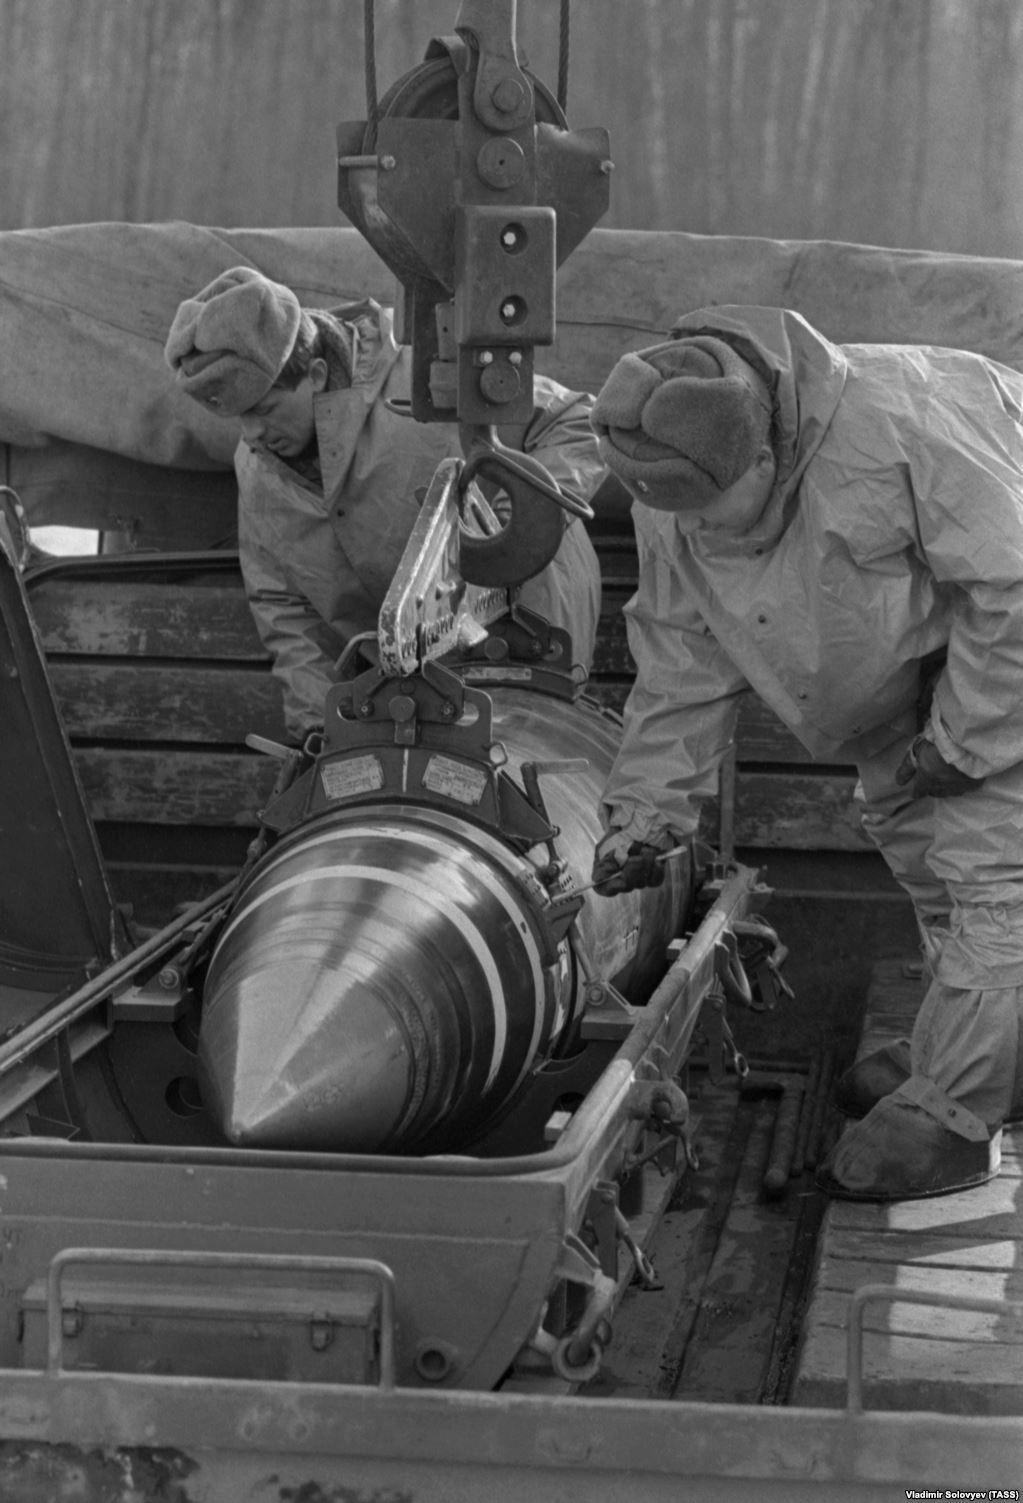 4 січня 1992 року, військовослужбовці кладуть ядерну боєголовку в контейнер